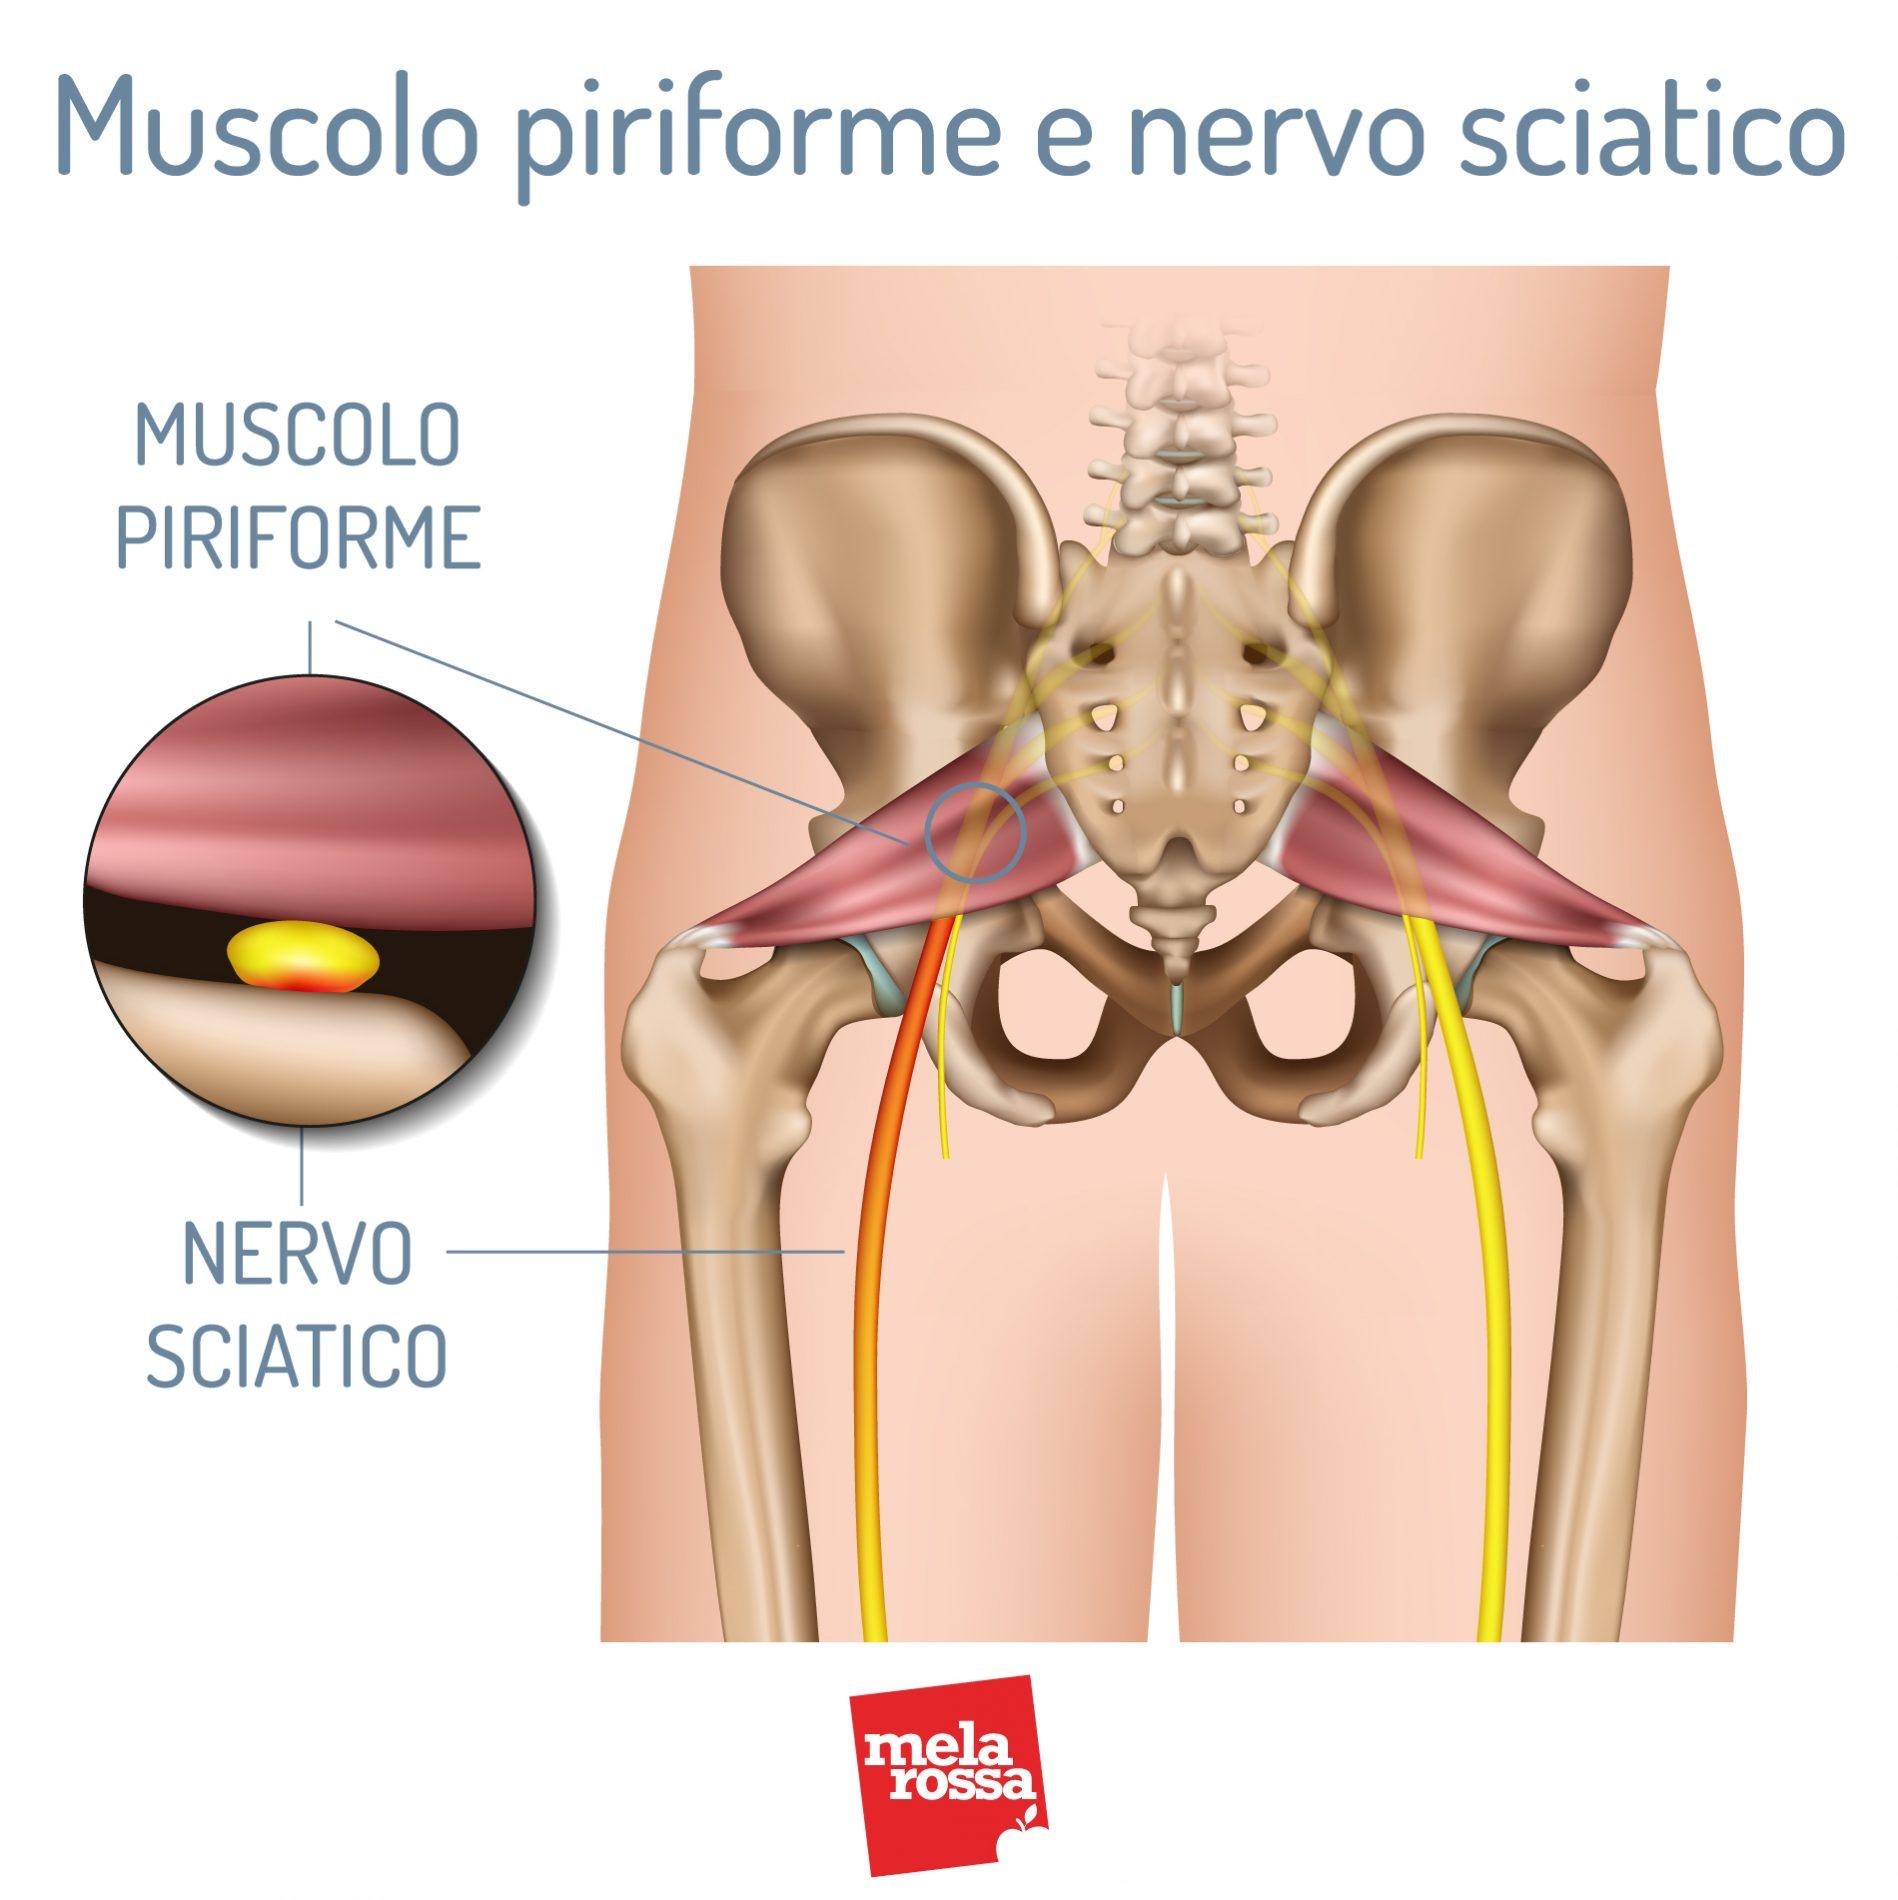 Muscolo piriforme e nervo sciatico